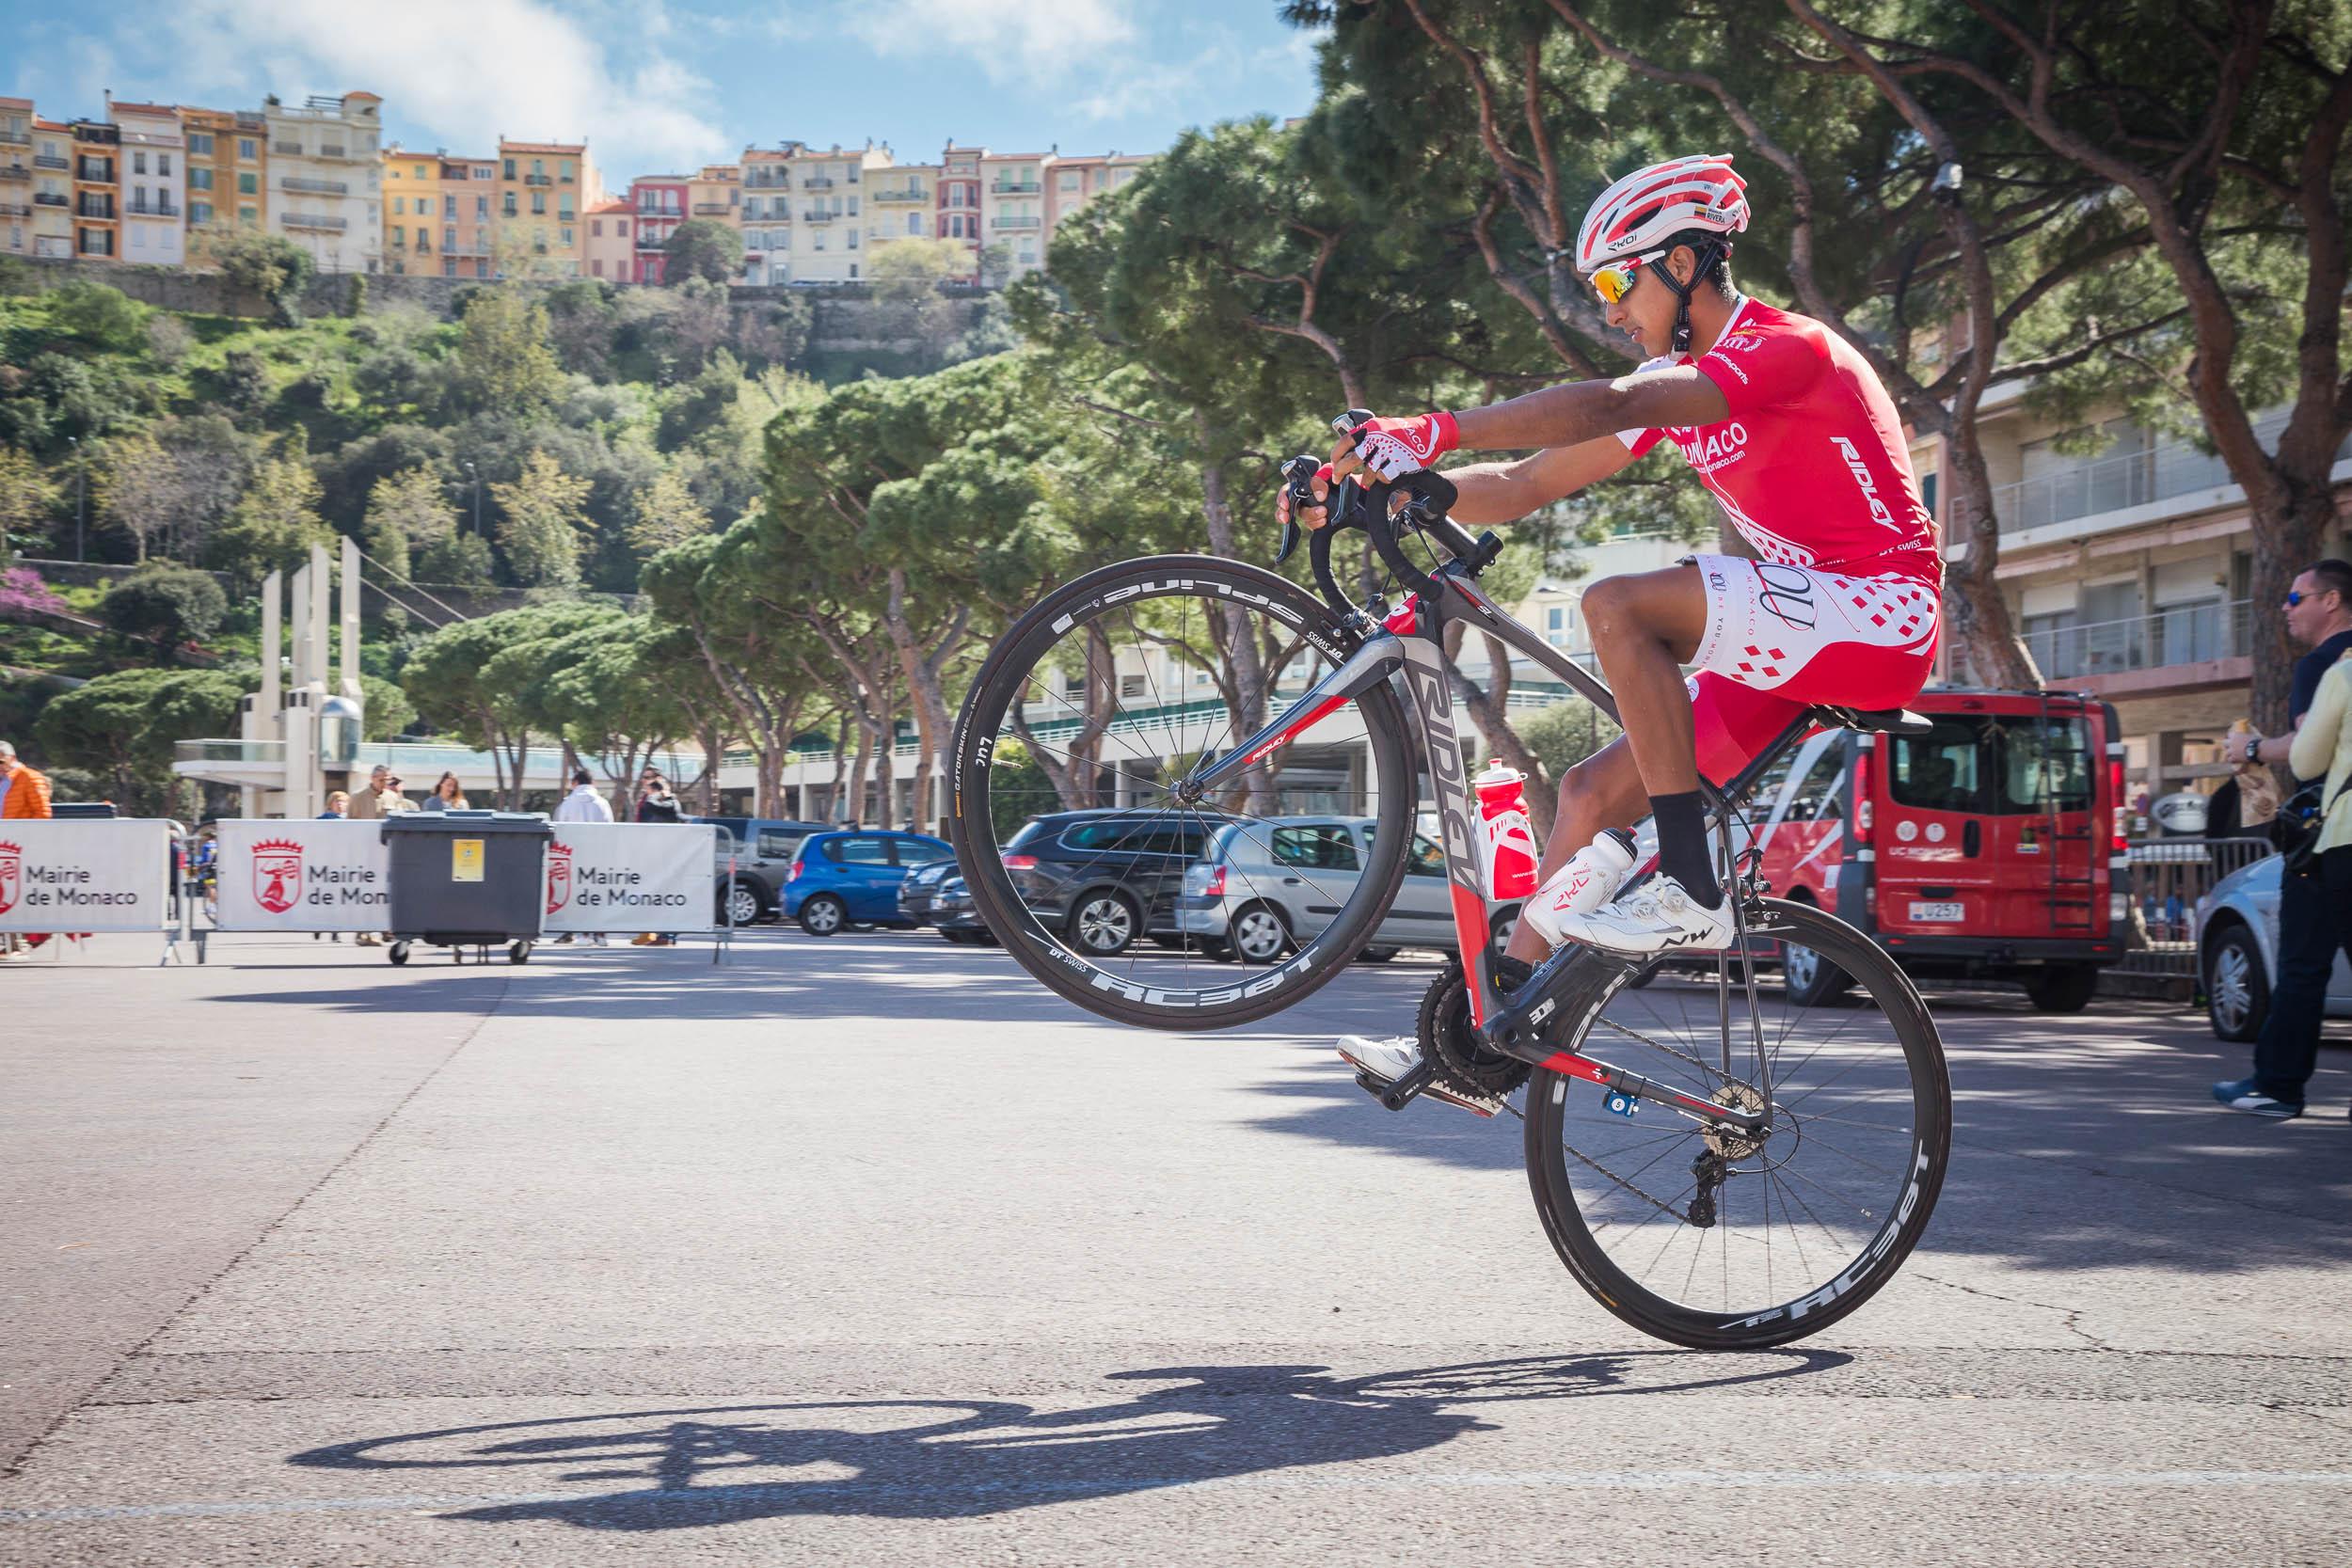 44eme CRITERIUM de Monaco LR © Ivan Blanco Vilar-129-_MG_9125.jpg